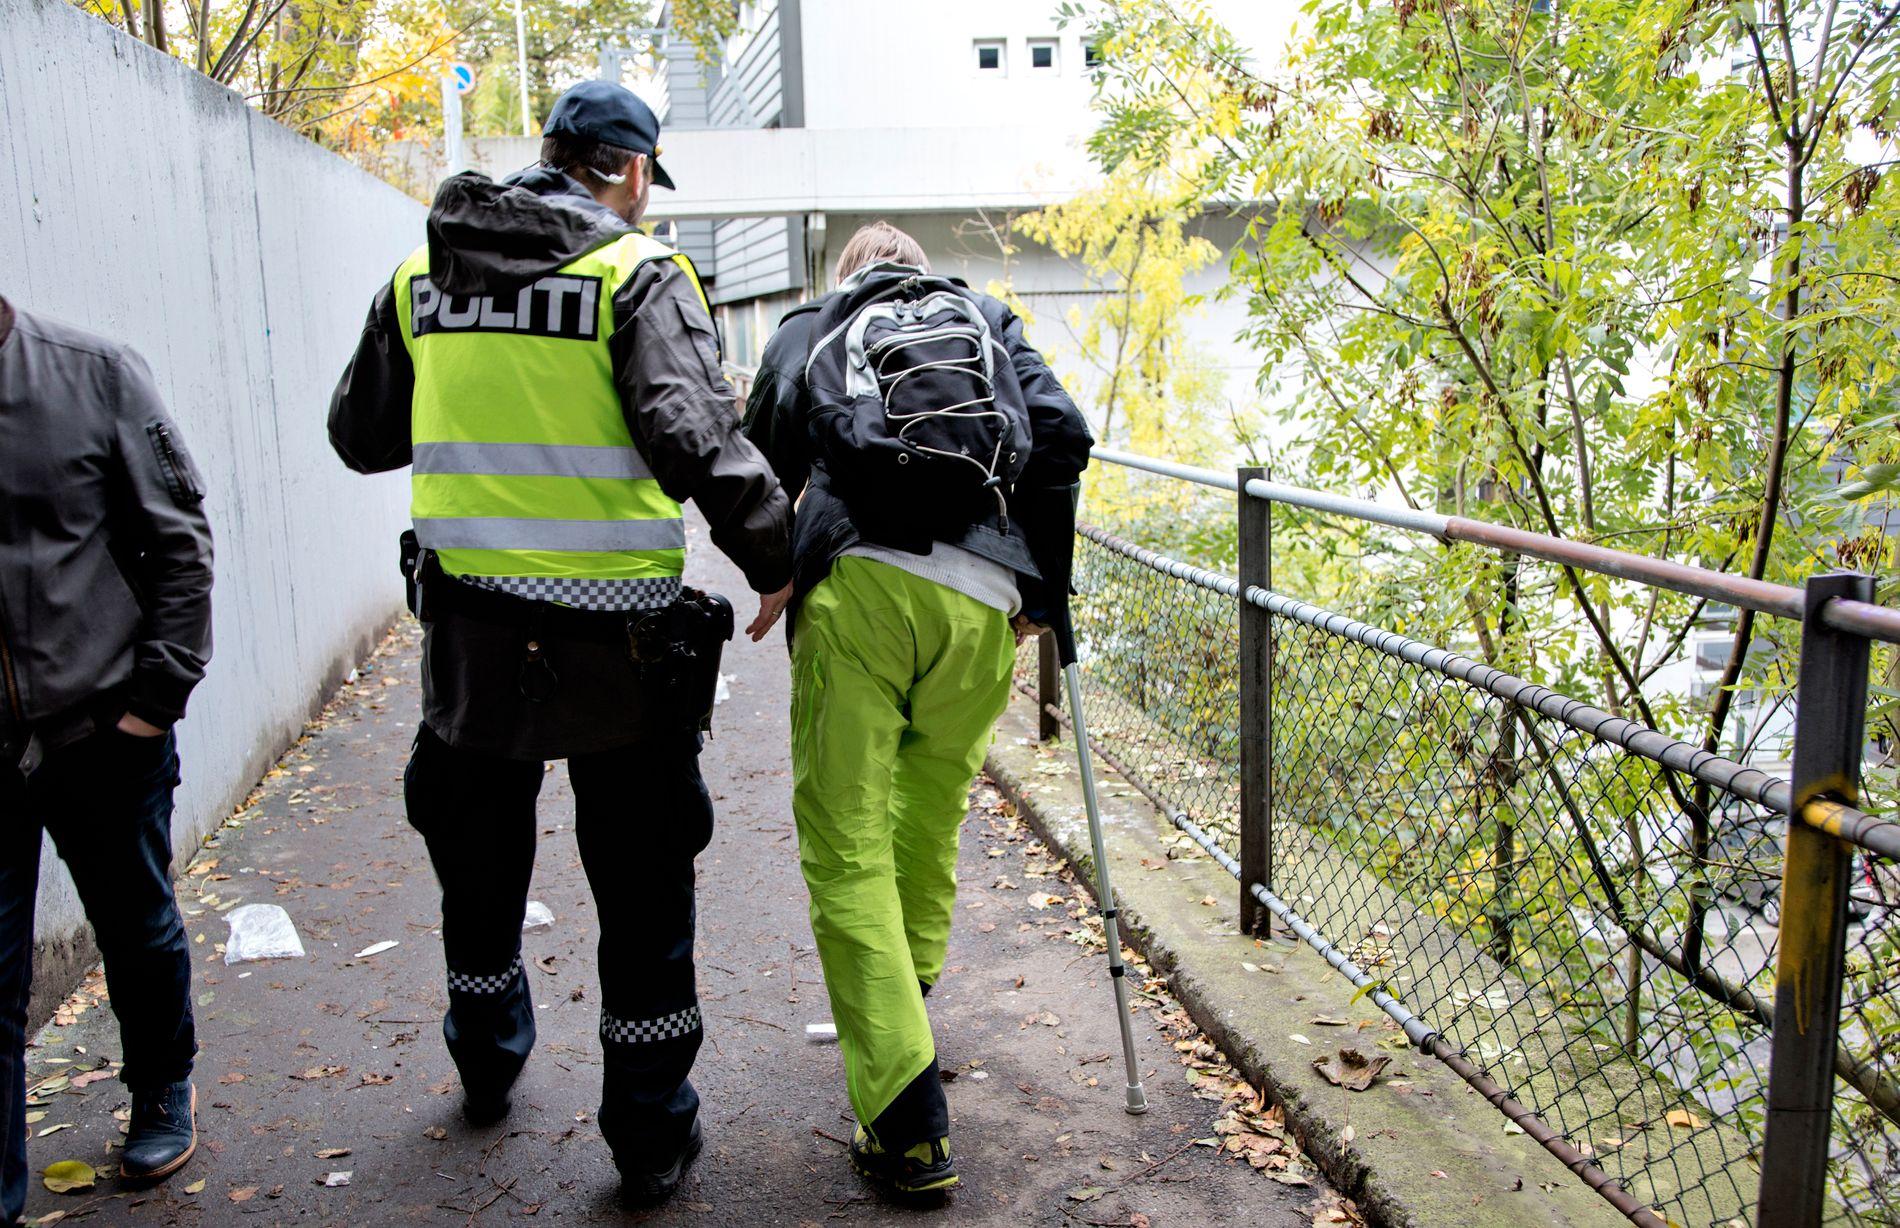 OND SIRKEL: Straffereaksjonen for mindre alvorlig narkotikakriminalitet er gjerne bøter, som blir til gjeld. Gjelden blir en fremtidig byrde som demotiverer avhengige fra å søke et annet liv, skriver Anette Svae.